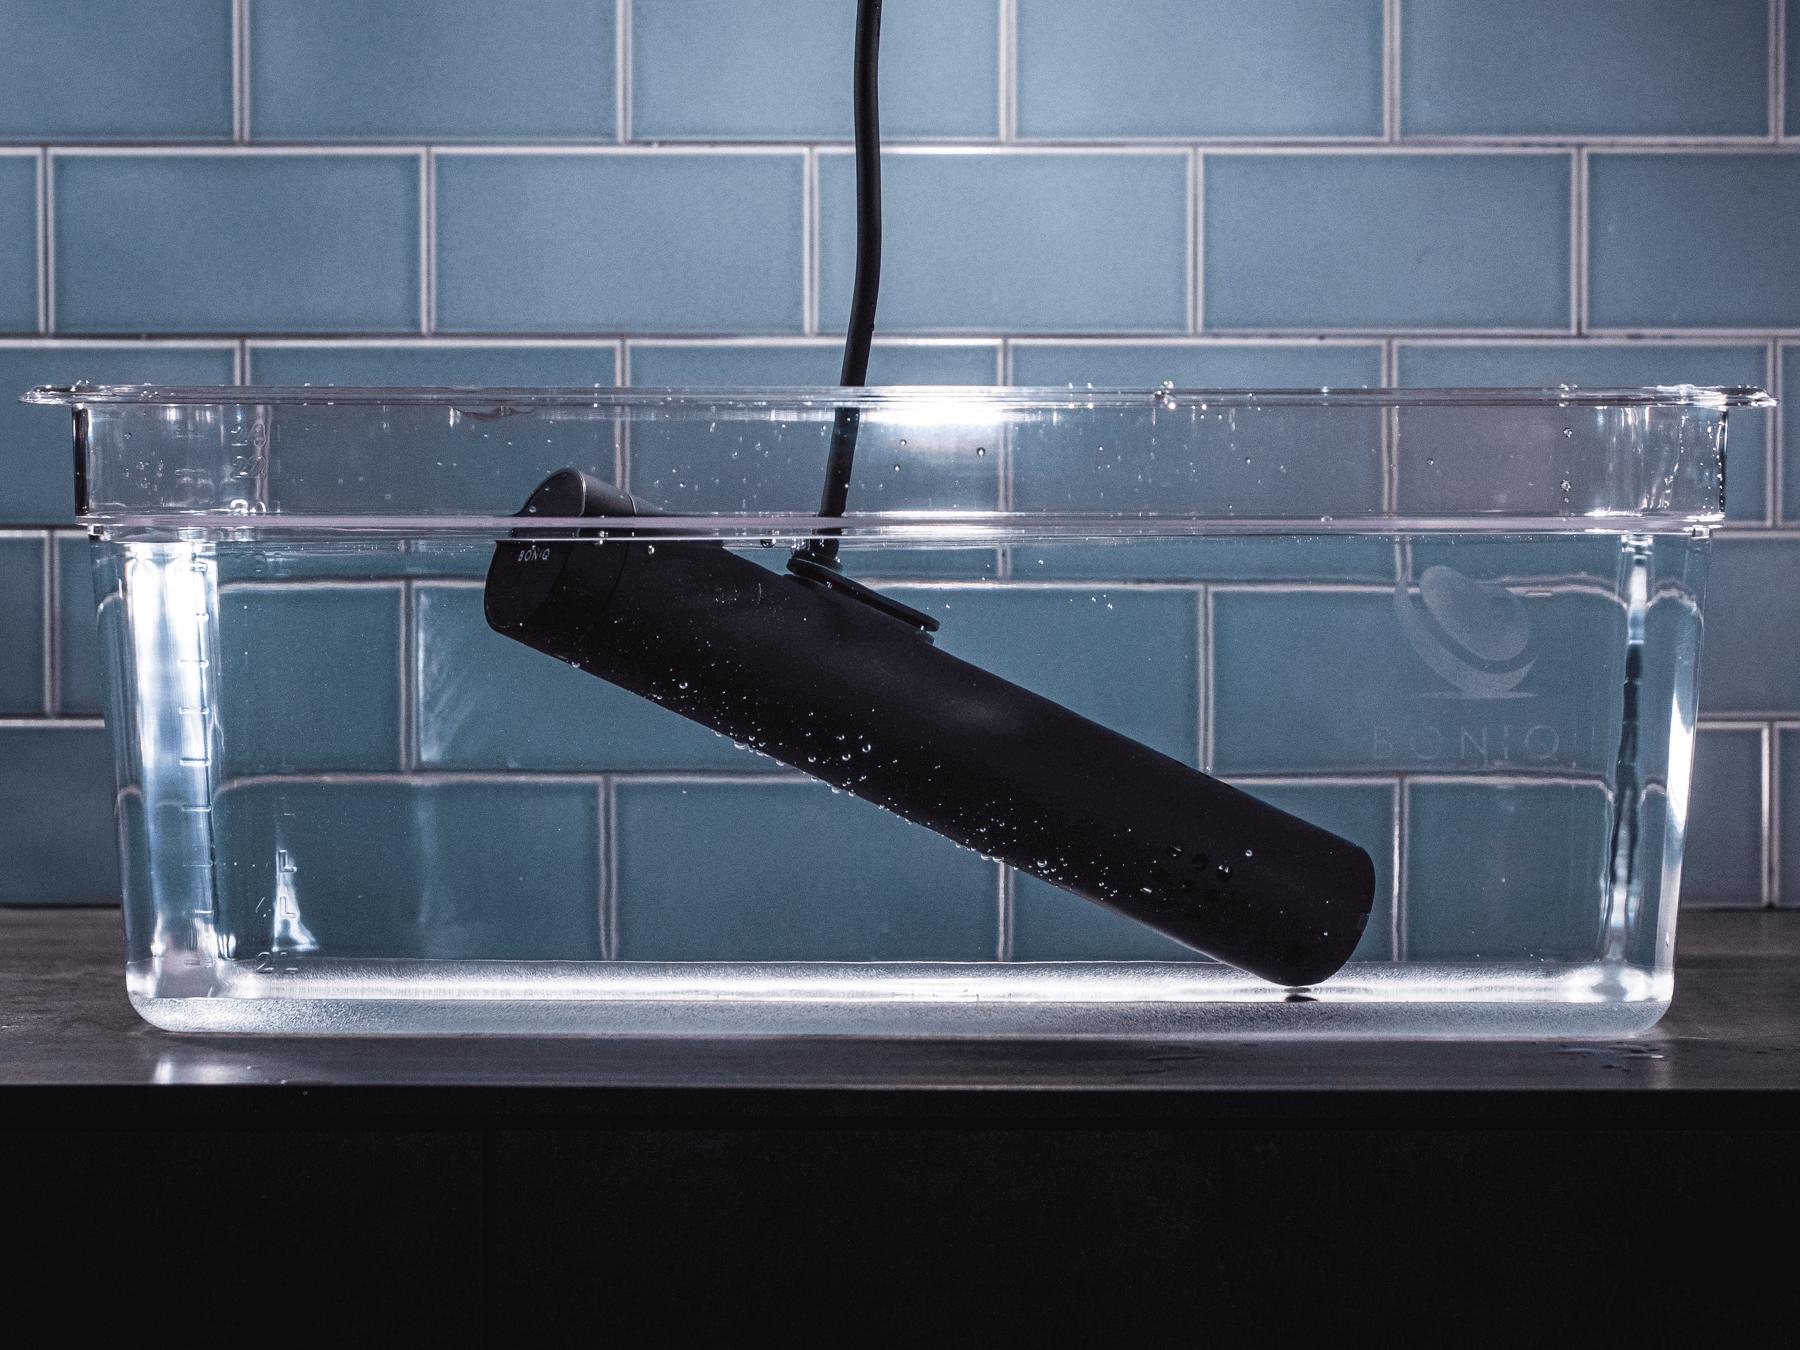 BONIQ (ボニーク)シリーズの違いを比較 3. 防水性能